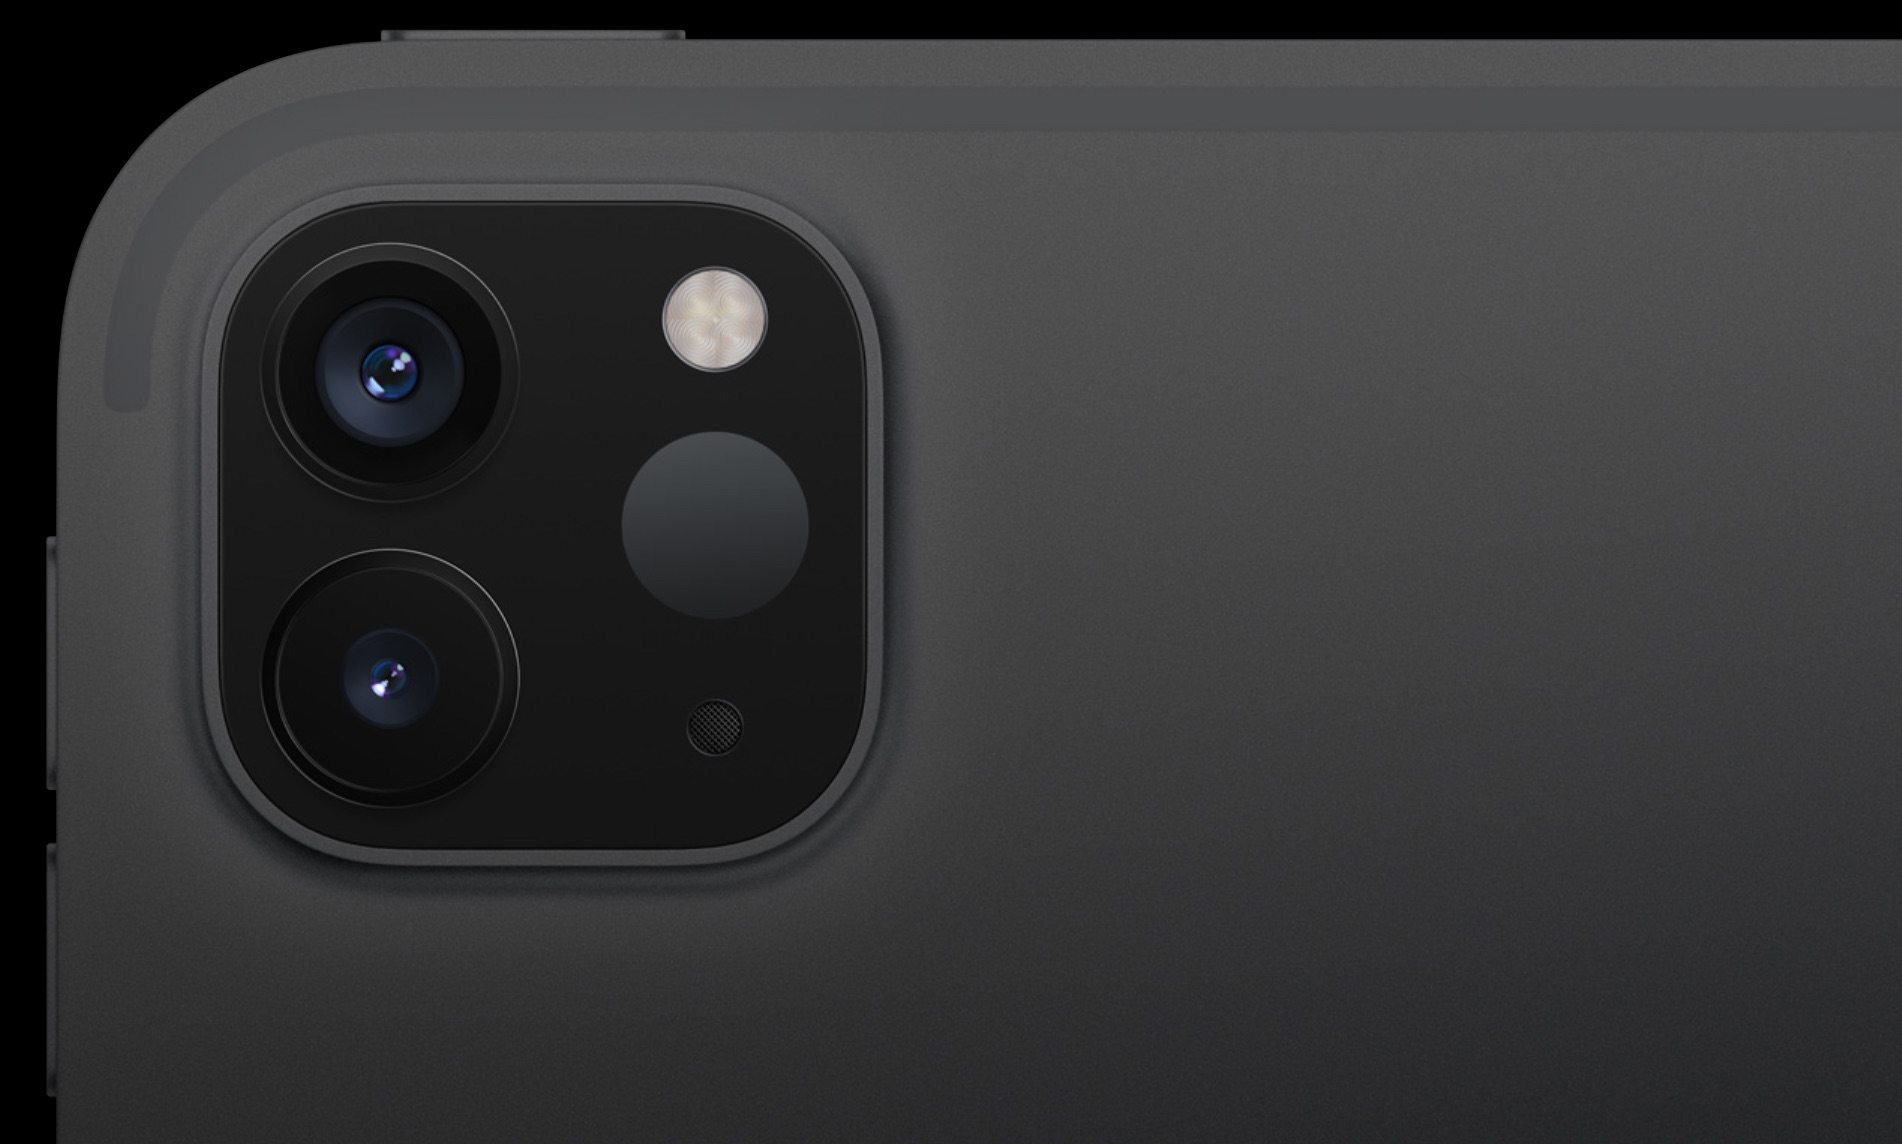 Should you buy iPad Air vs iPad Pro cameras